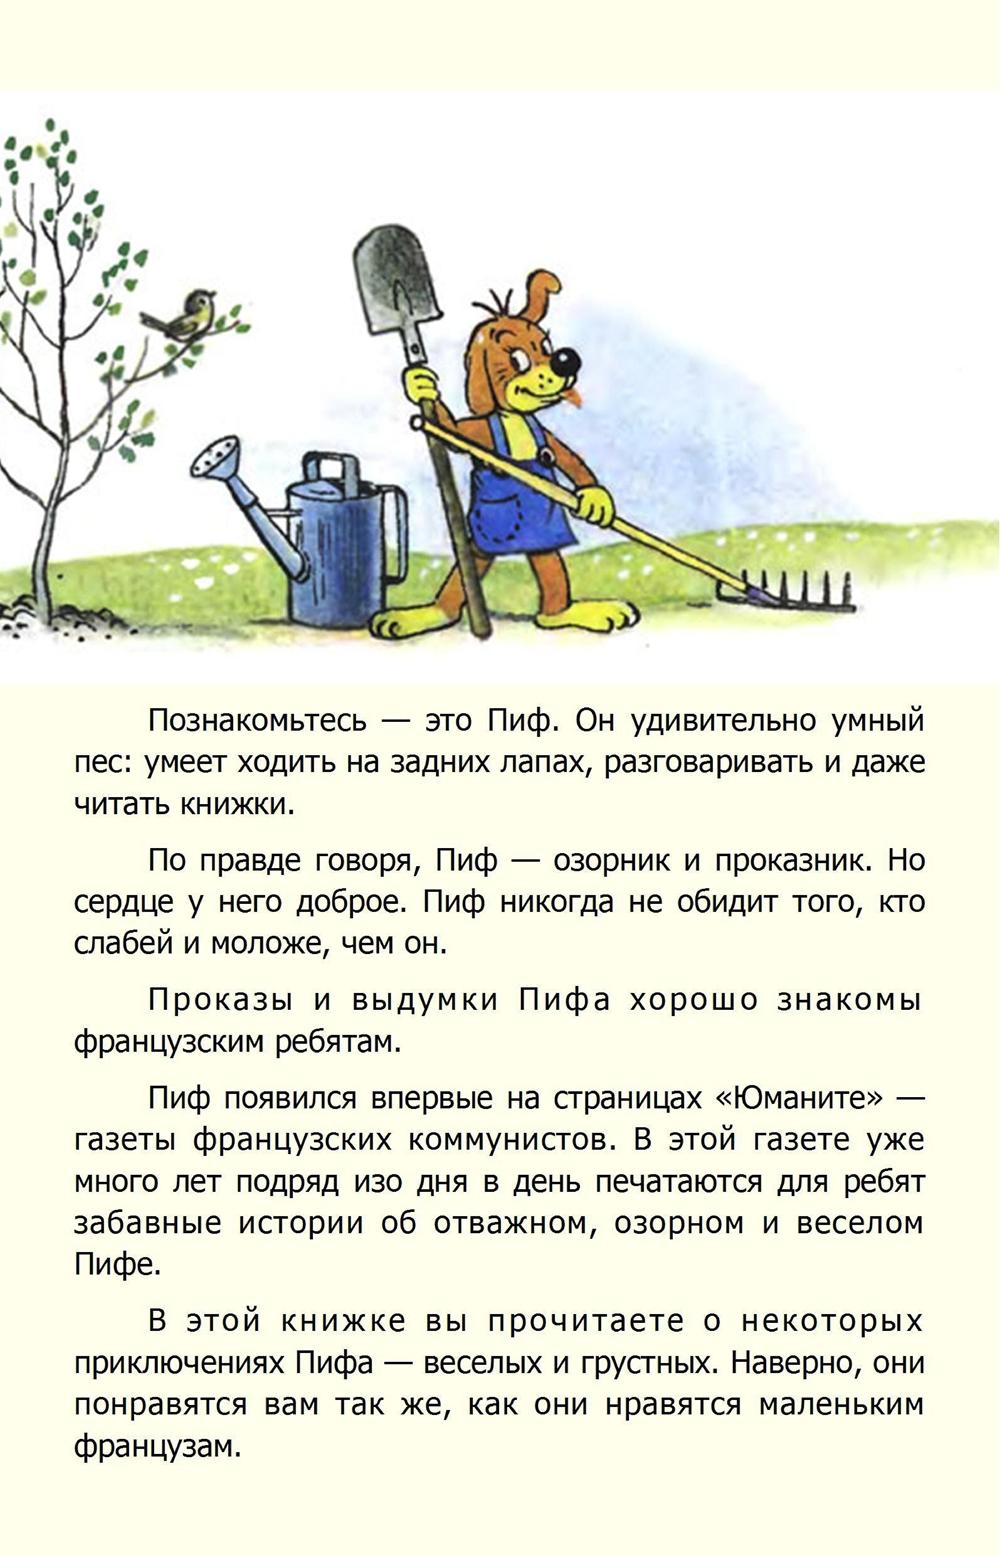 http://ipic.su/img/img7/fs/Pif_RG.1597060494.jpg